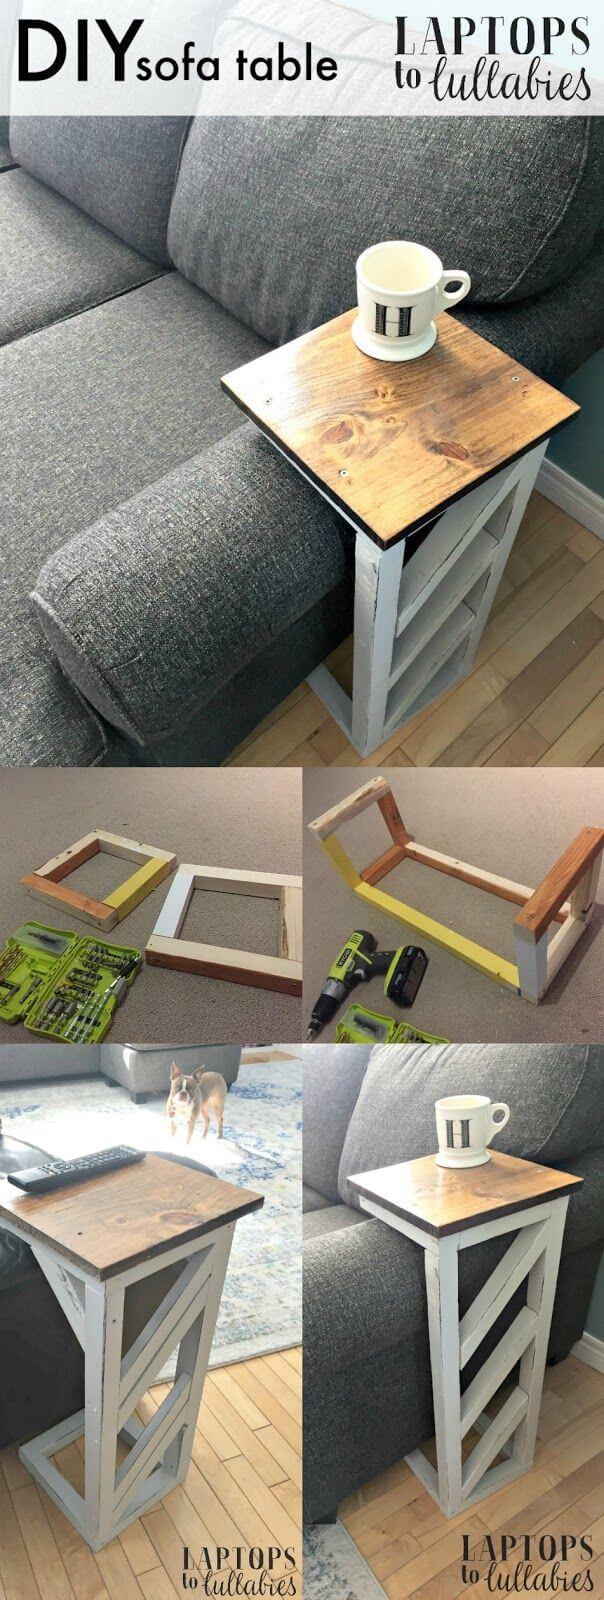 proyectos madera 4